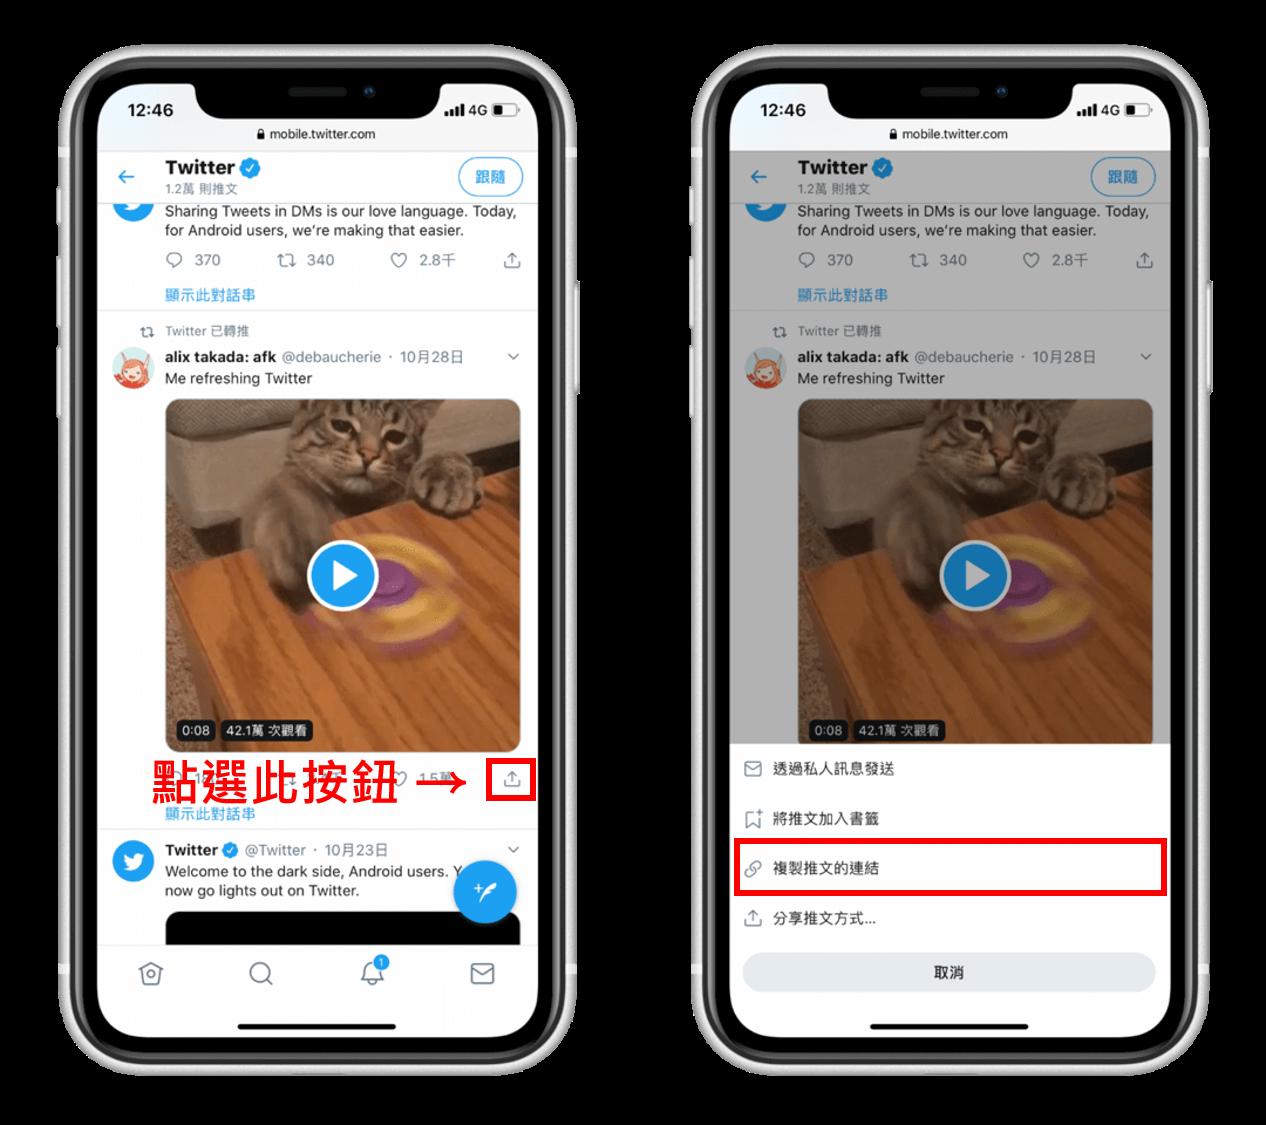 iPhone 下載推特/Twitter 影片 (iOS 捷徑教學)